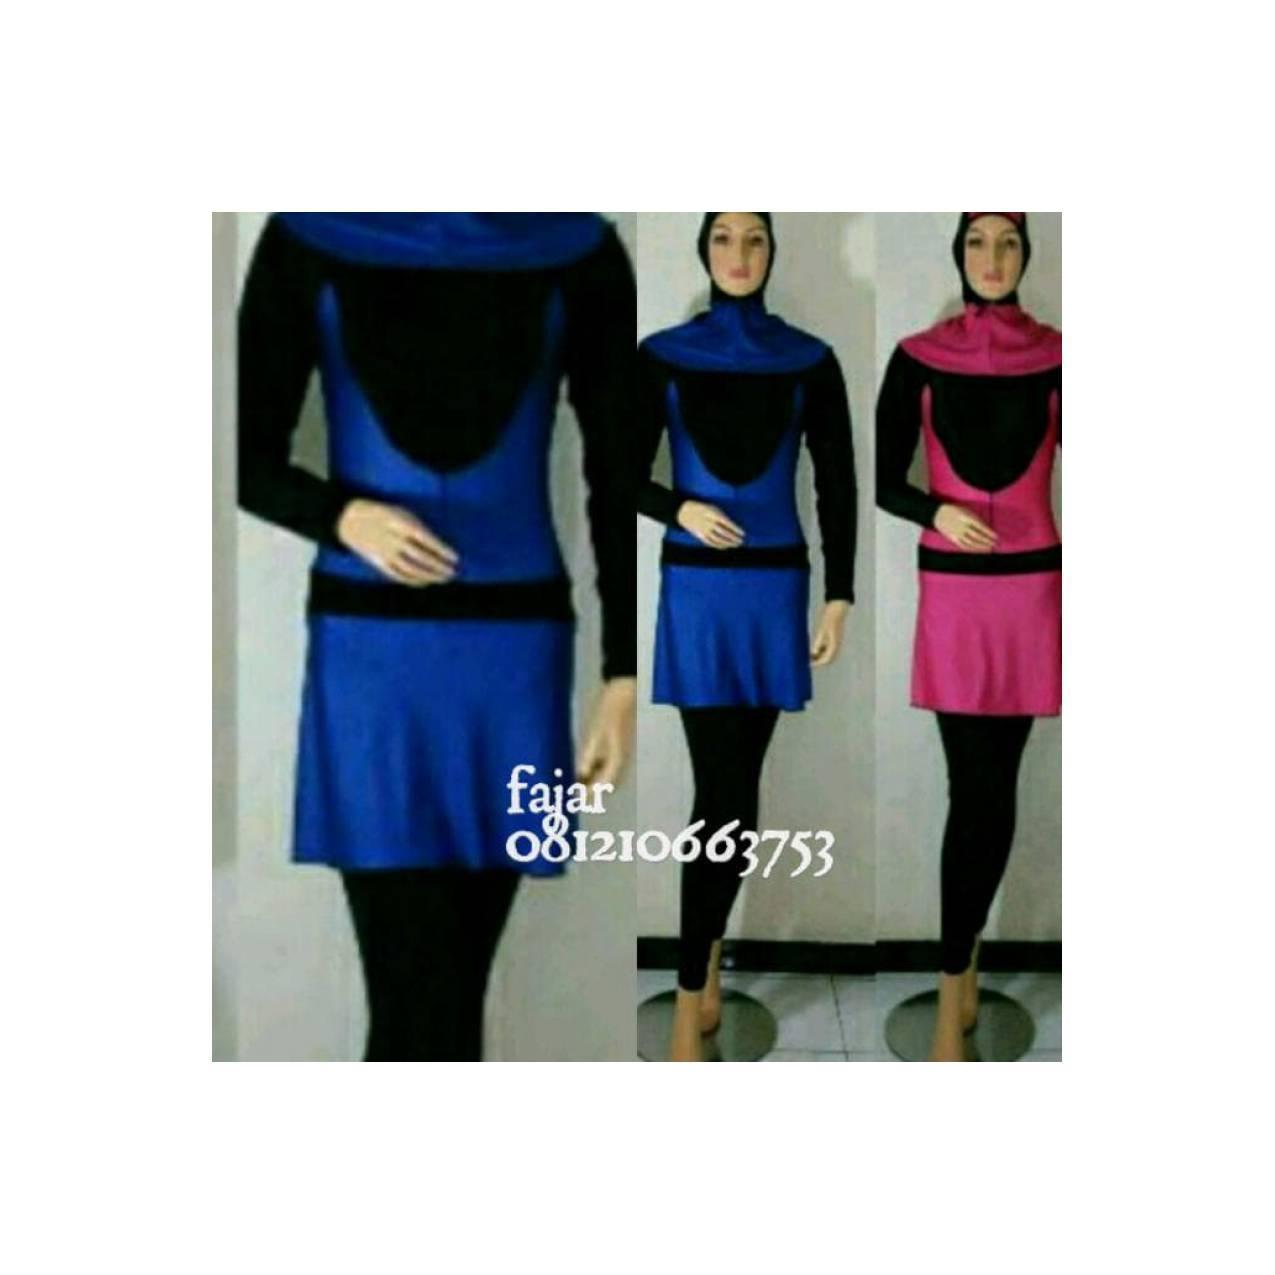 Jual Baju Renang /Muslimah/Dewasa/Wanita/Remaja Limited